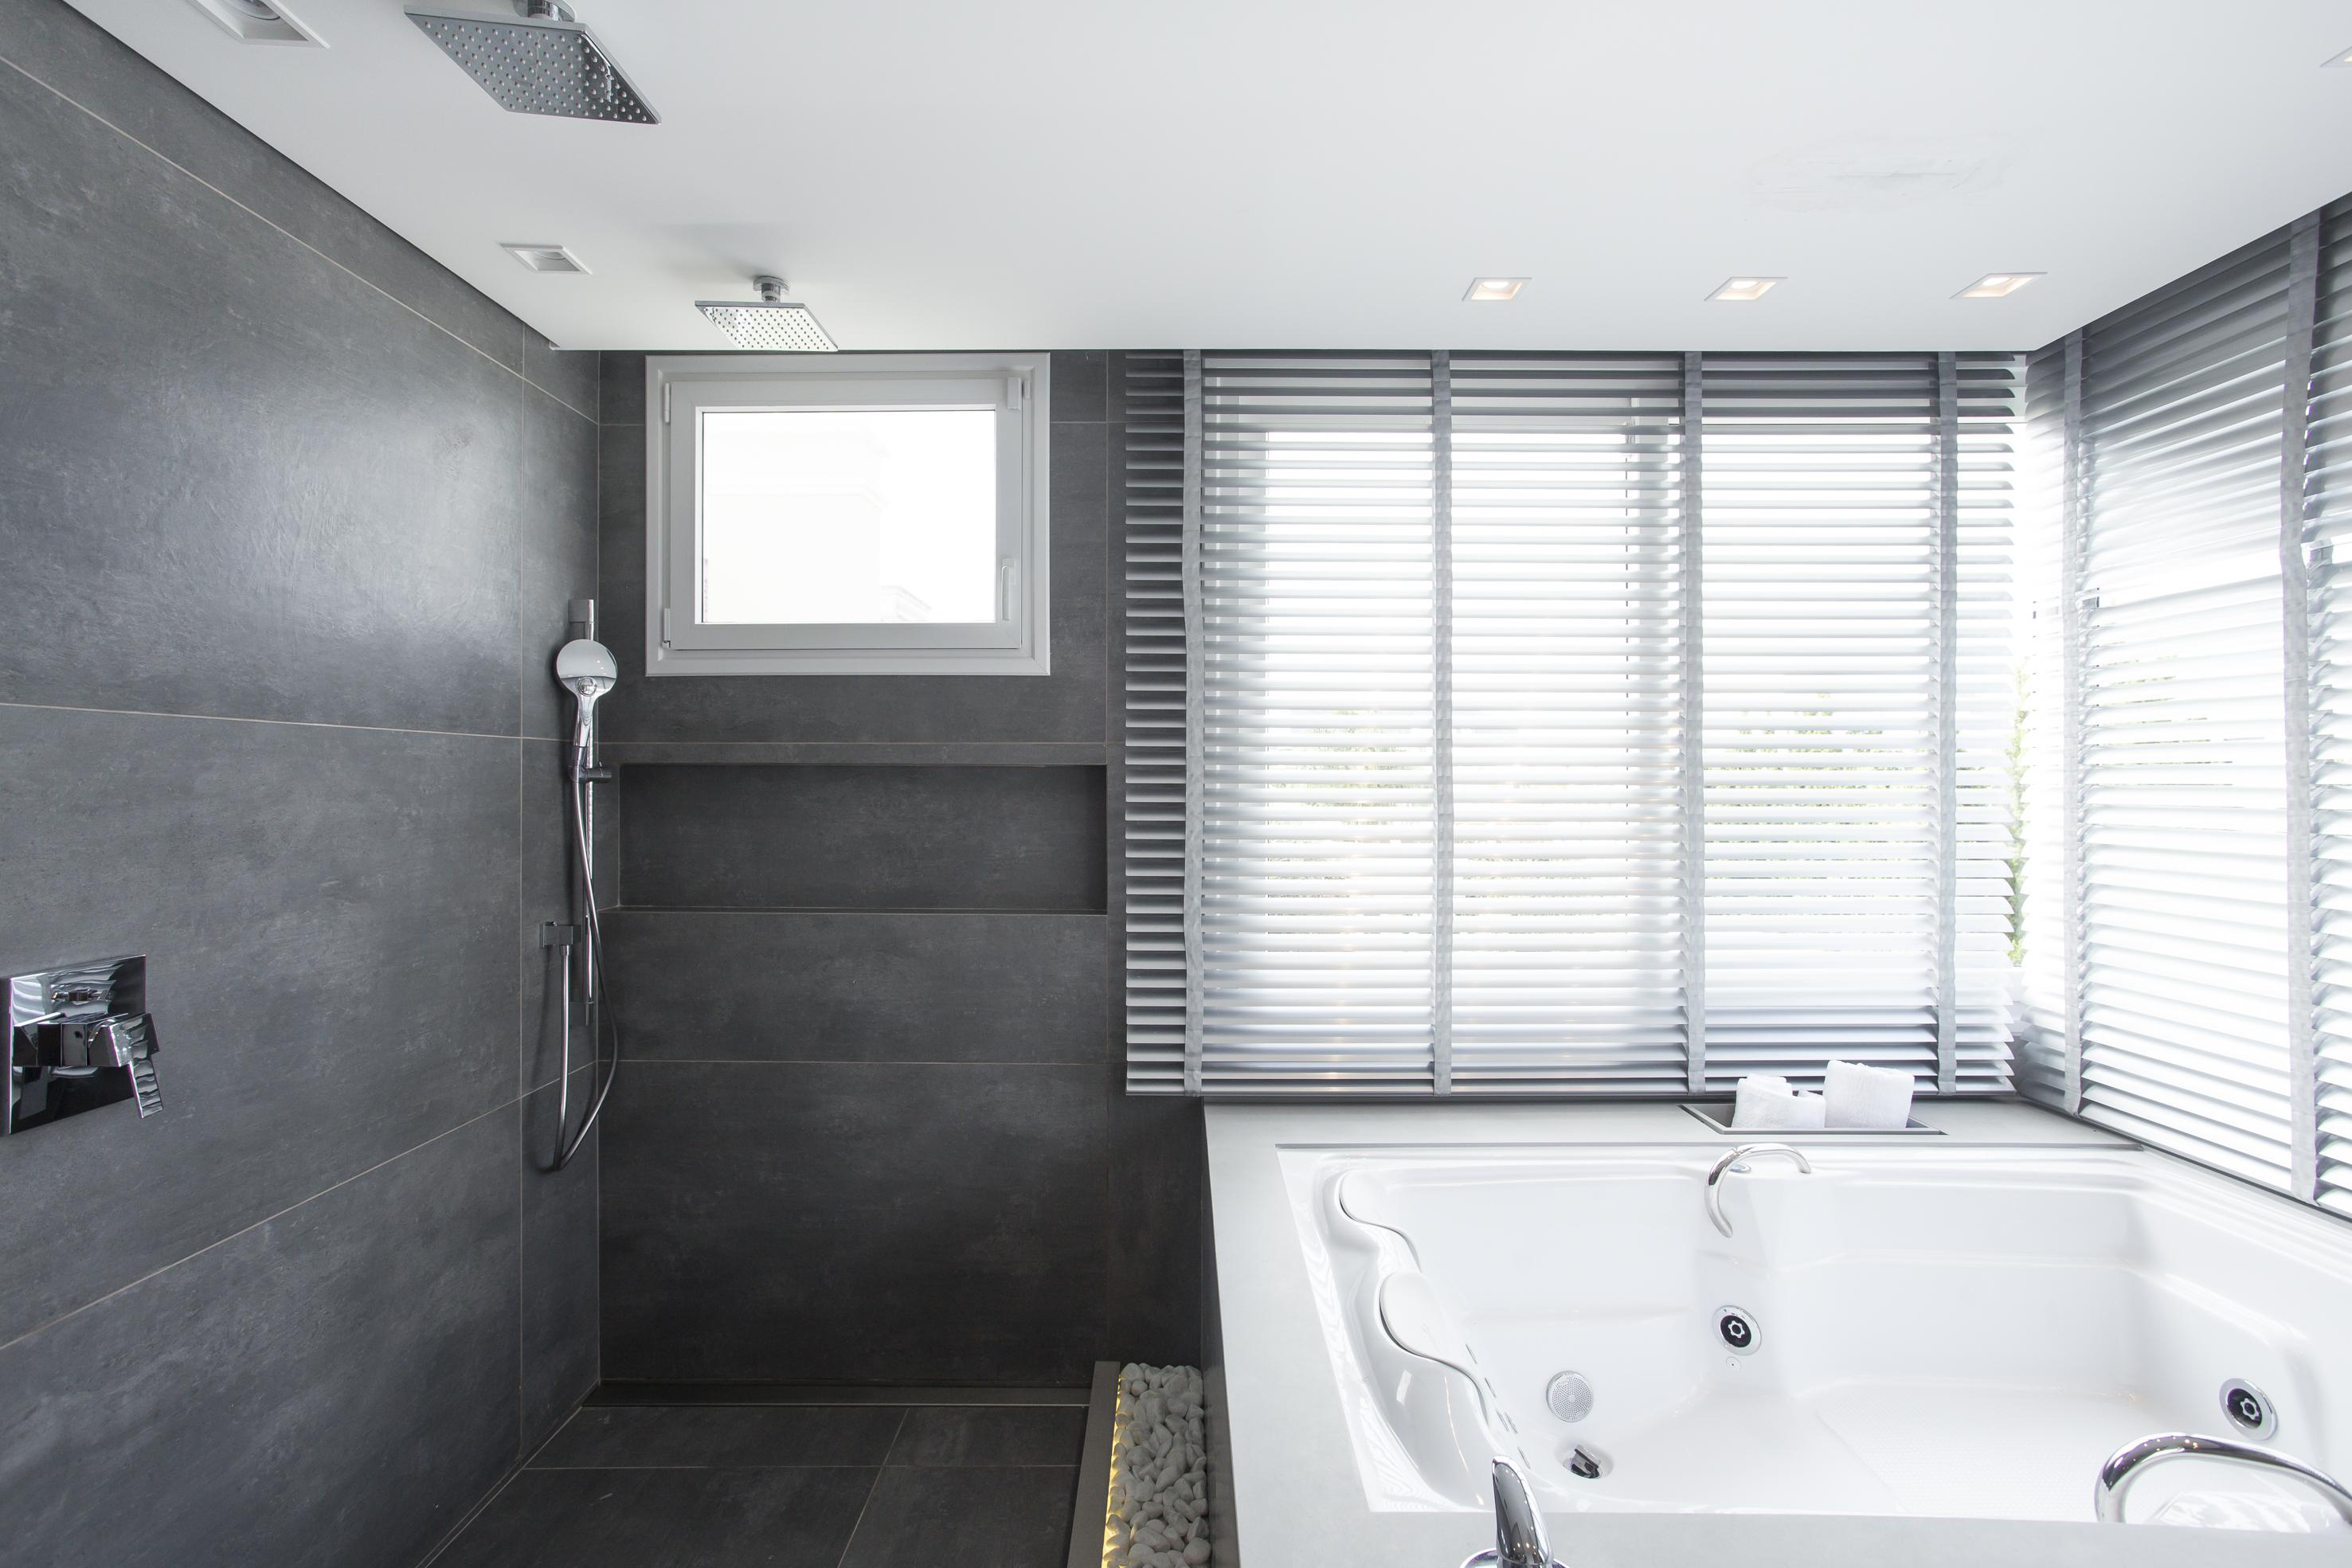 Banheiro com banheira e parede cinza